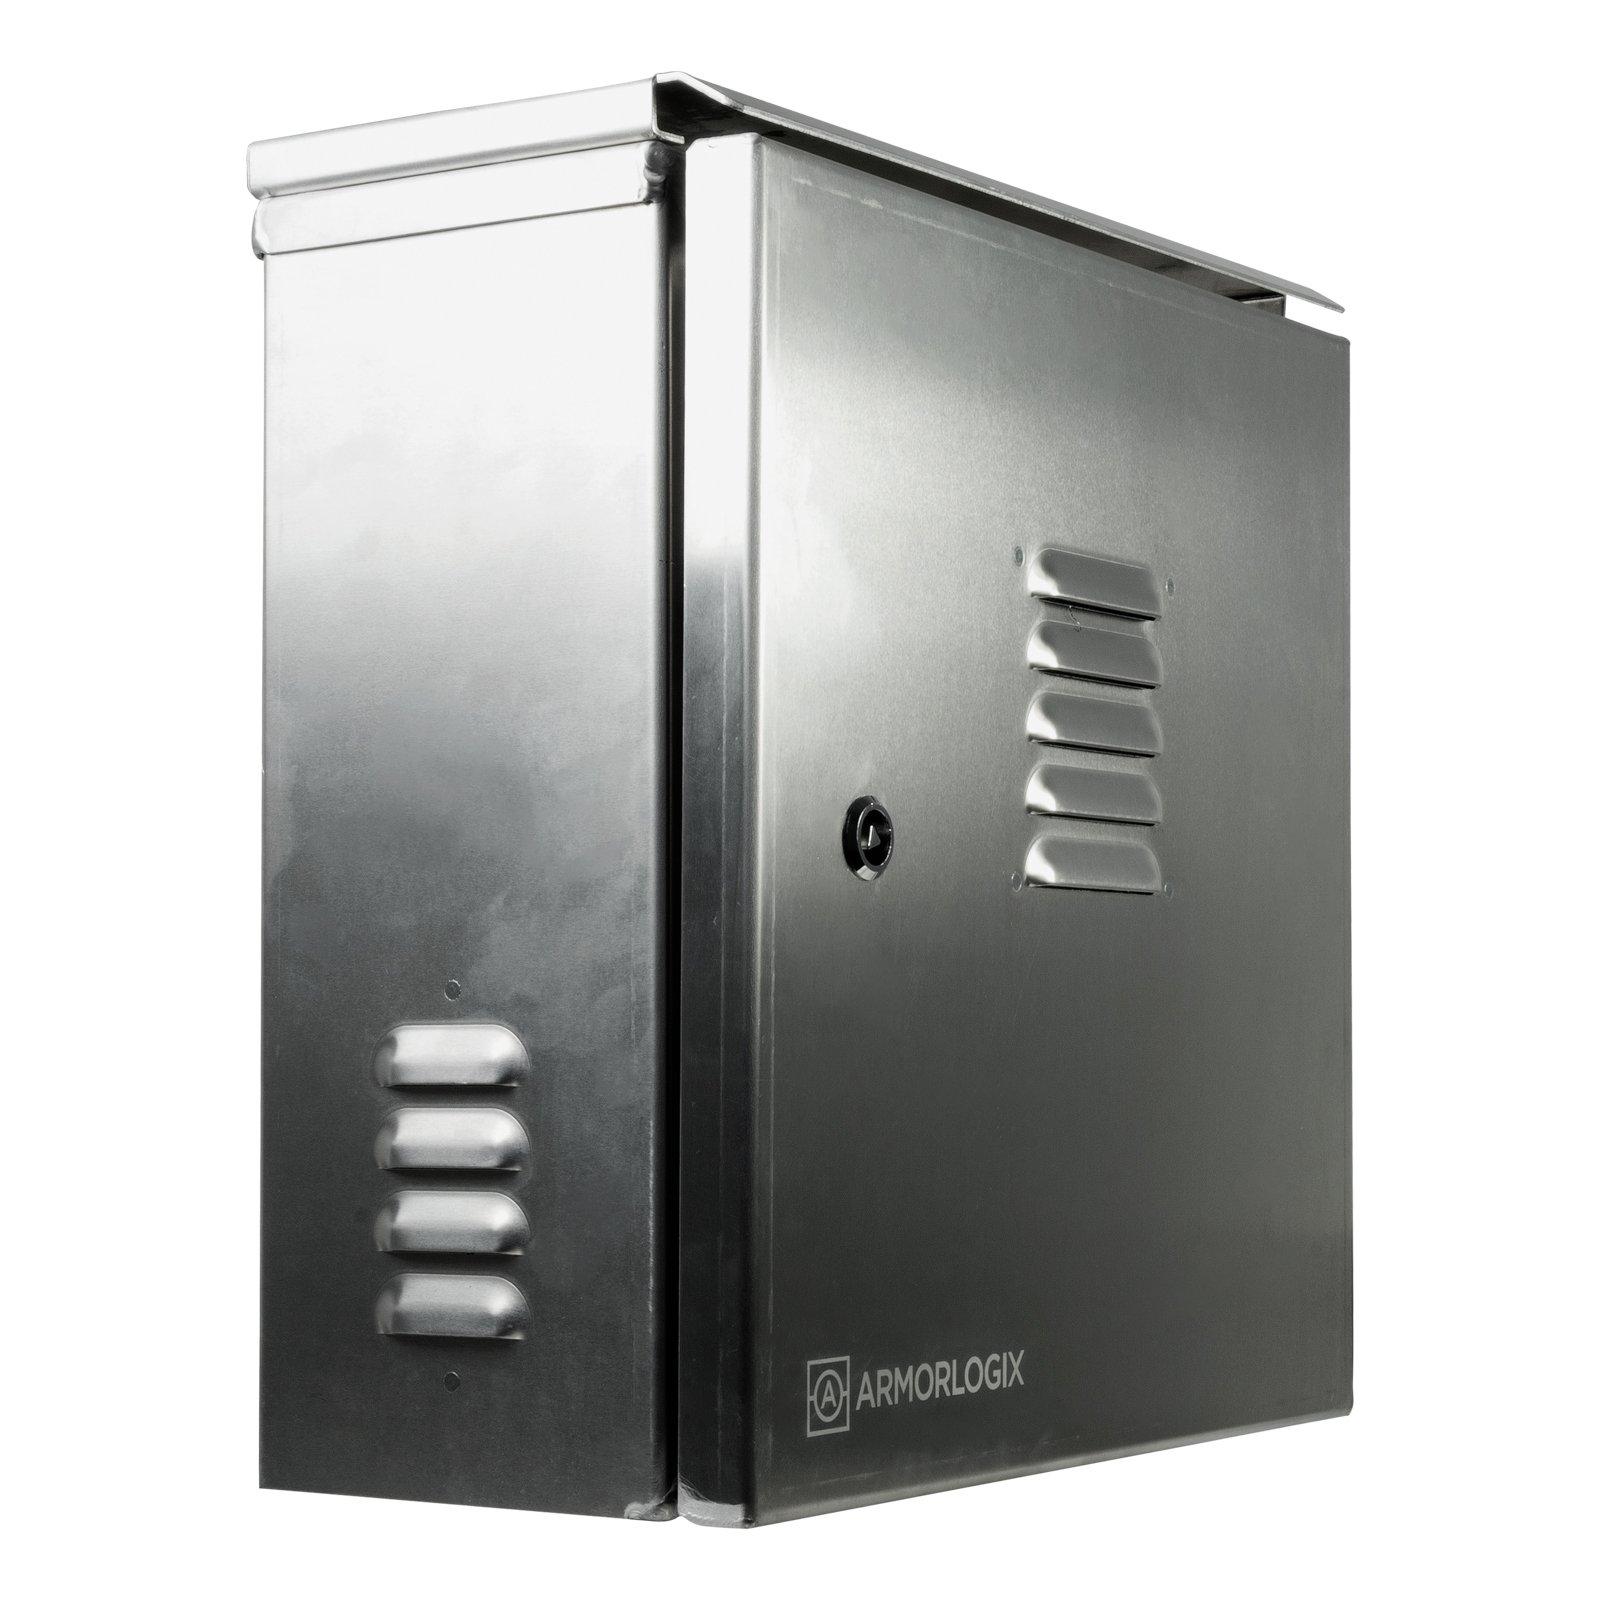 AL161606 ALUMINUM WEATHERPROOF ENCLOSURE   Military Grade Aluminum Storage Unit